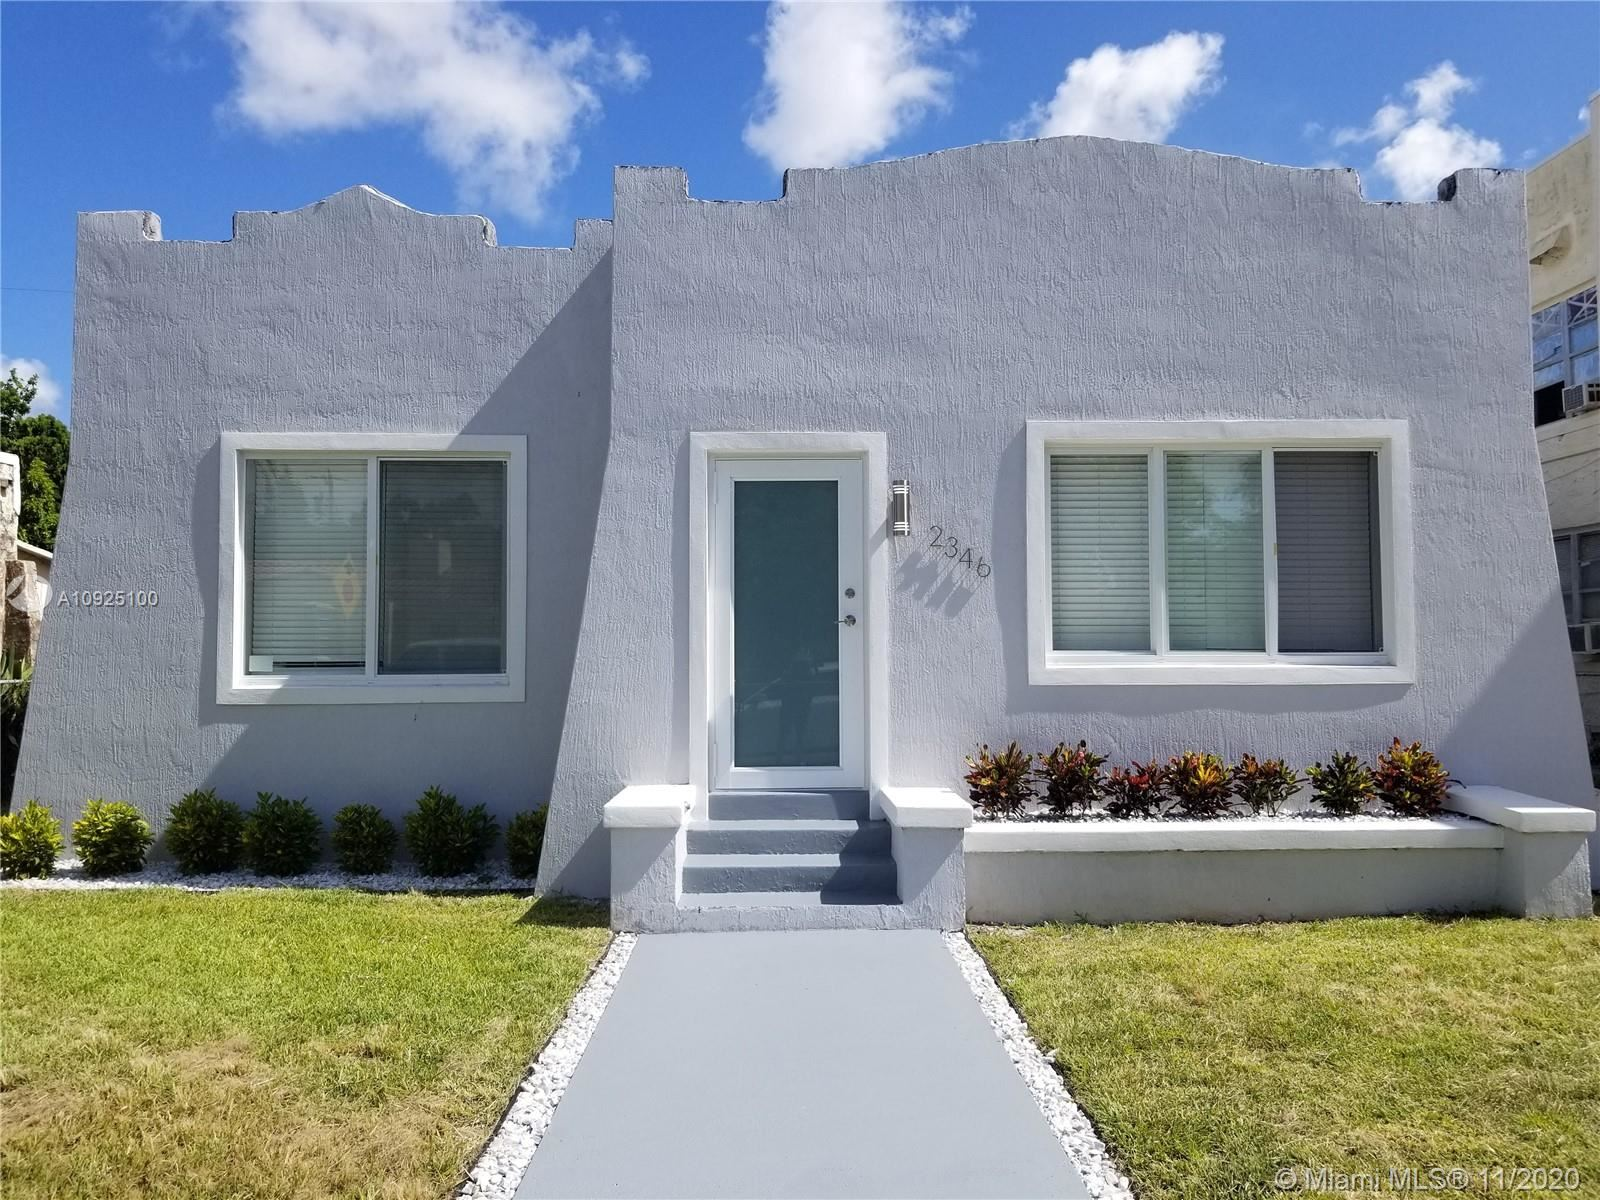 2346 SW 5th St, Miami, FL 33135 - #: A10925100